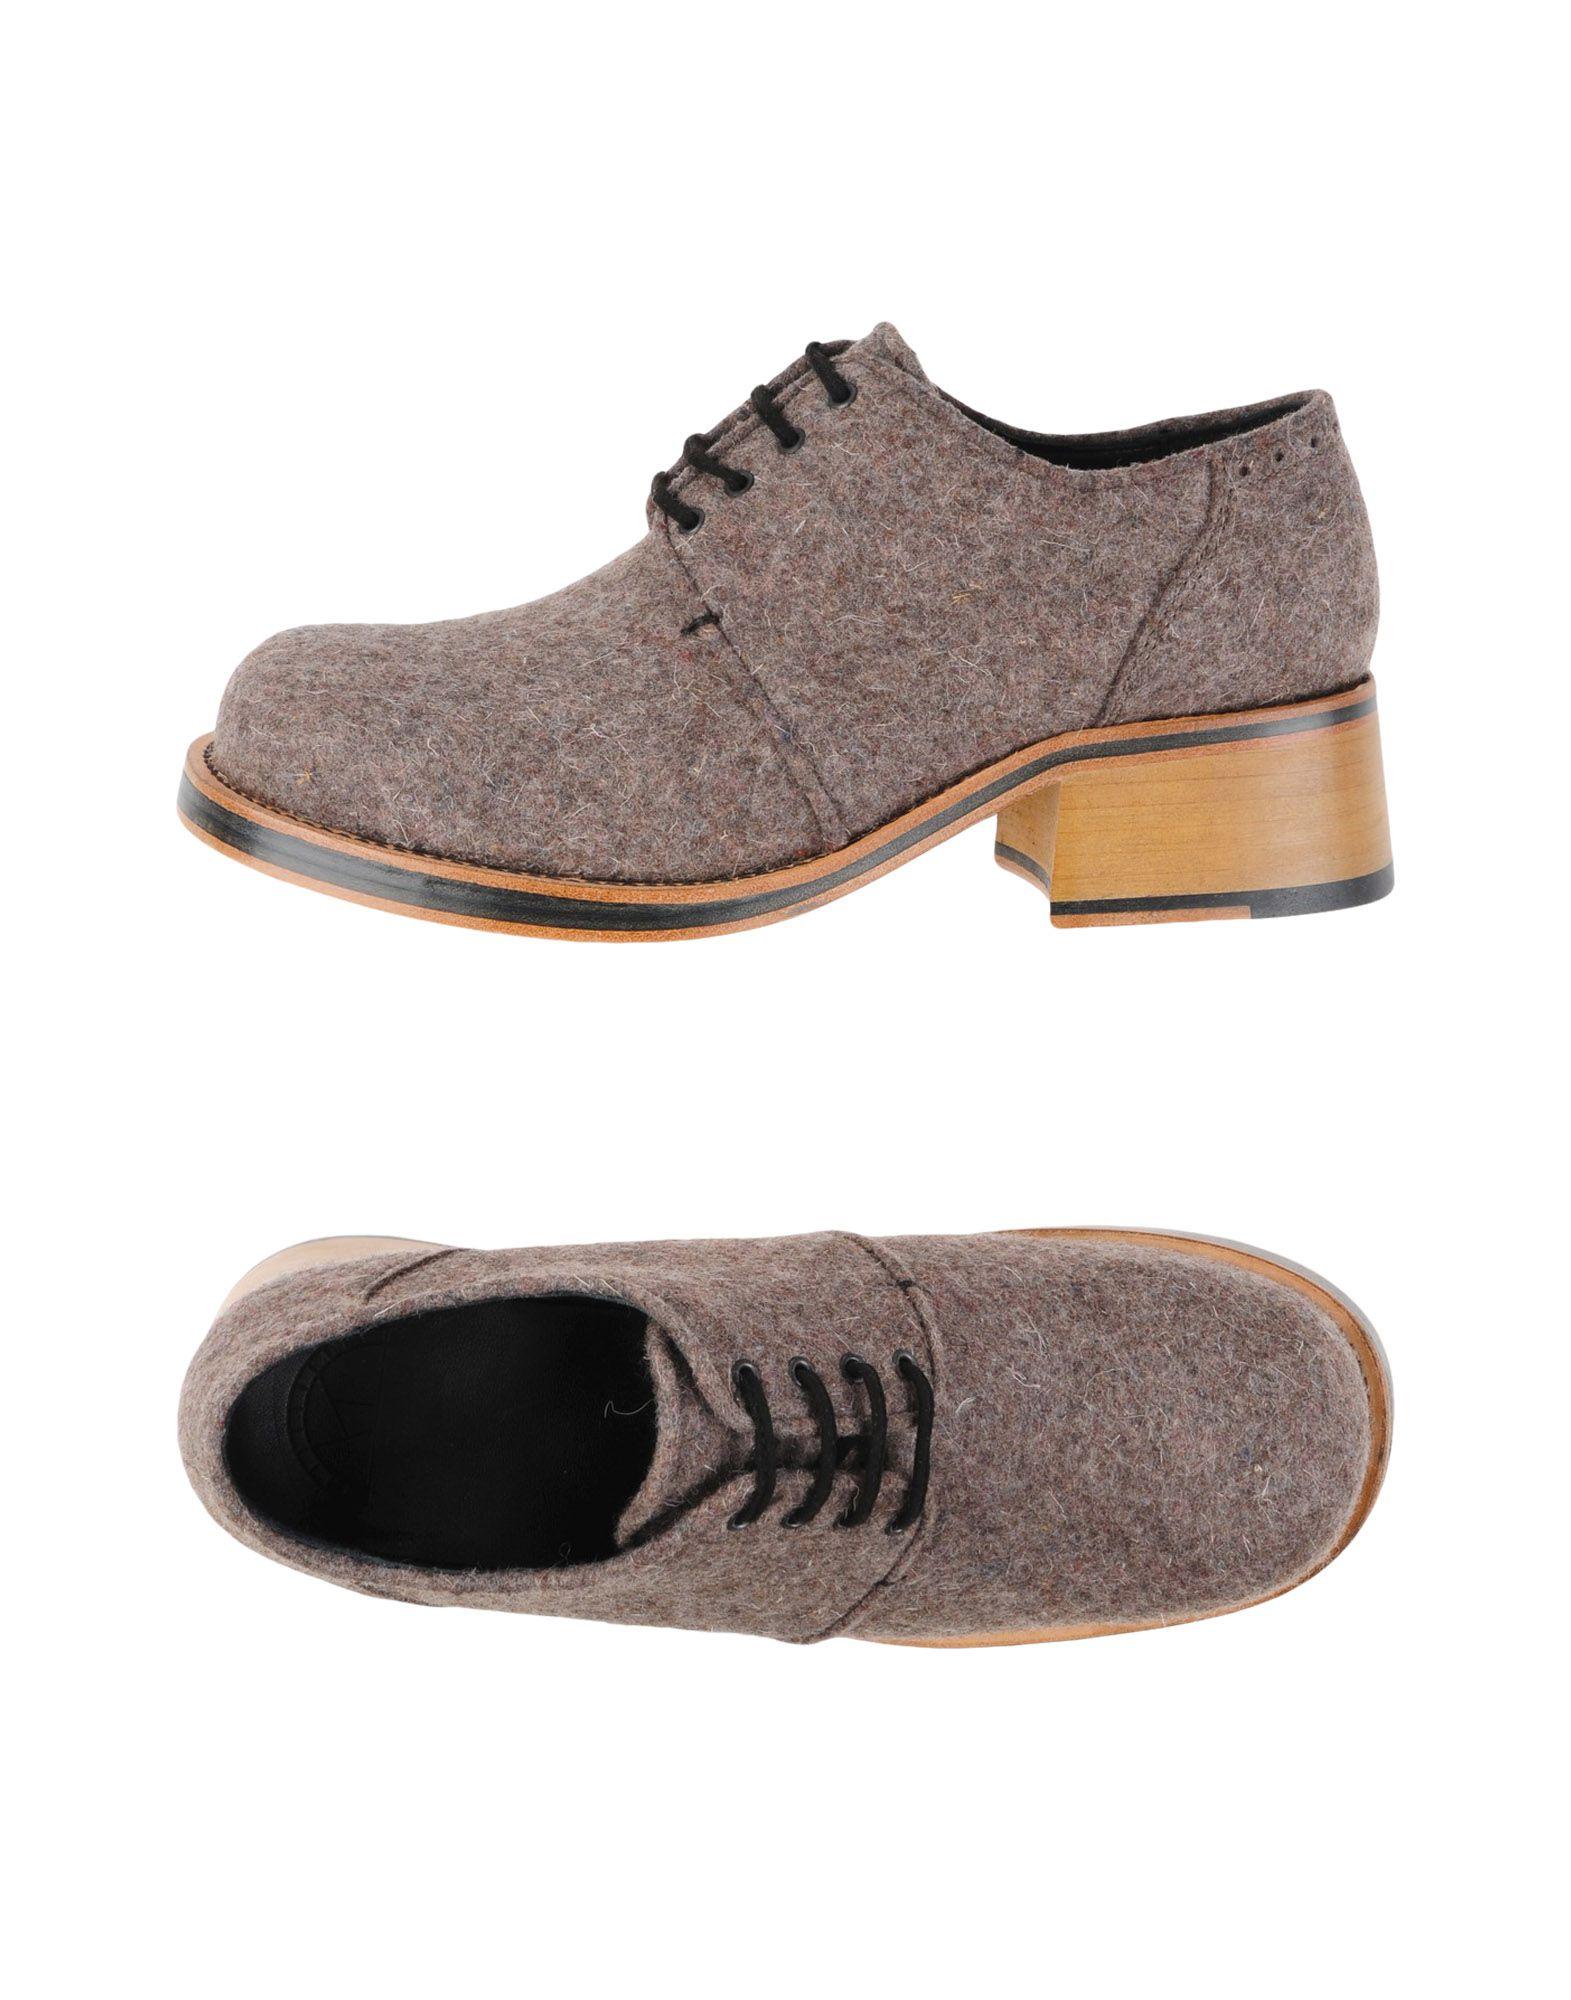 KULT DOMINI Обувь на шнурках сандалии ия 2017 круглый нос летняя обувь кожаная обувь обувь с пряжечной кожаная обувь